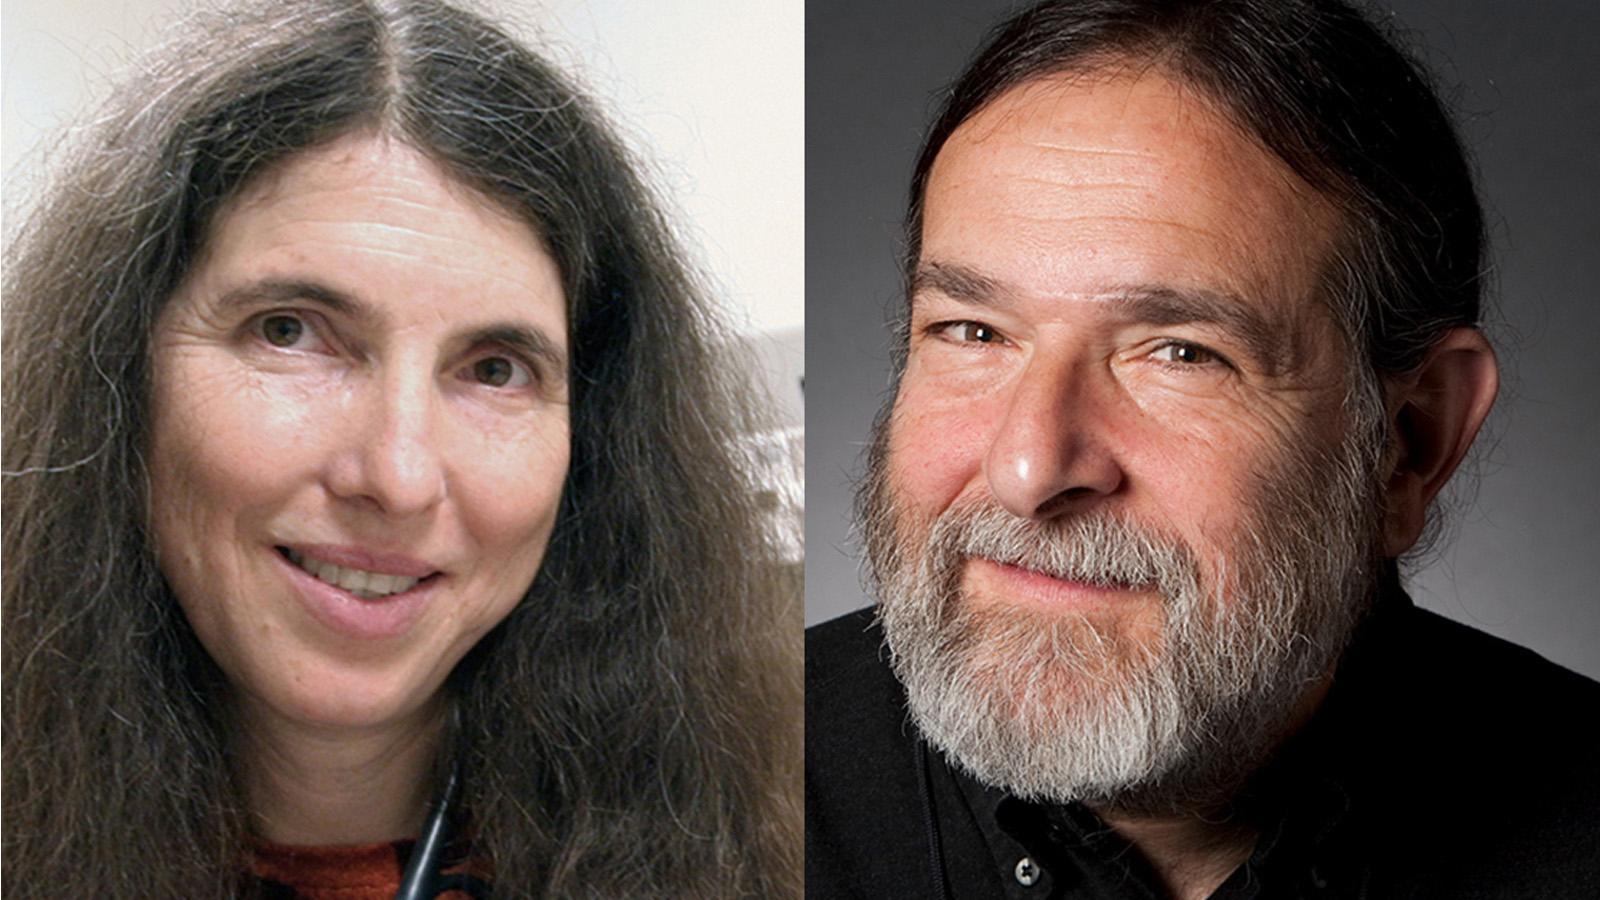 Steffie Woolhandler and David Himmelstein